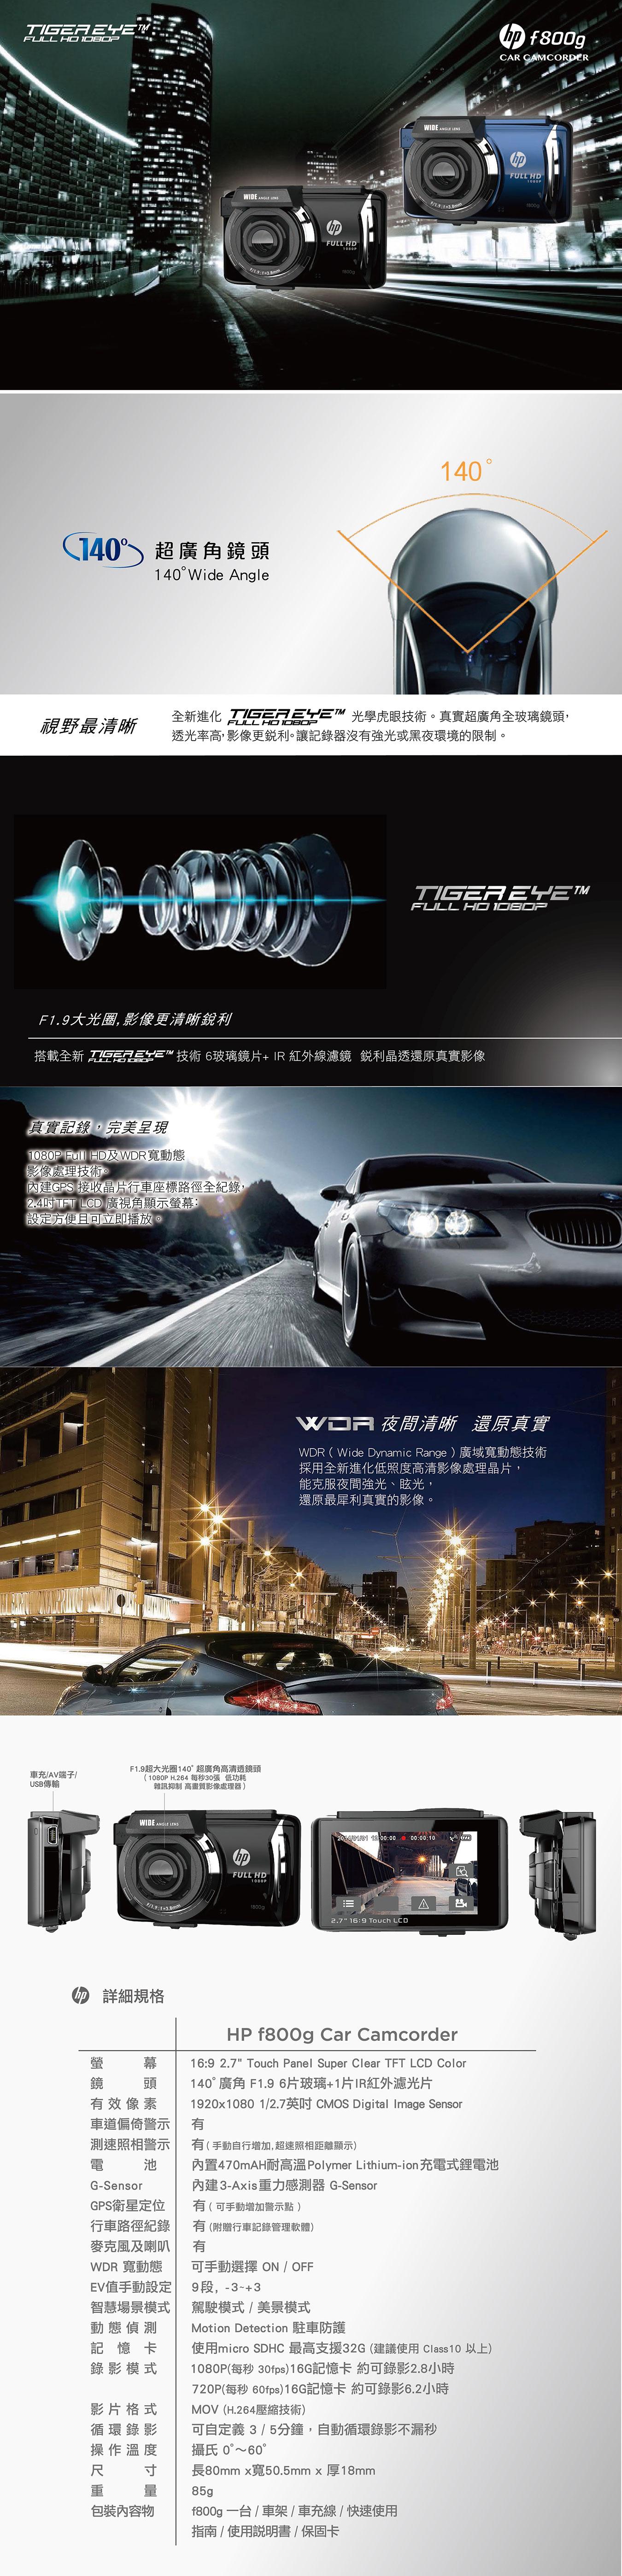 HP_f800g_Powerpage_op